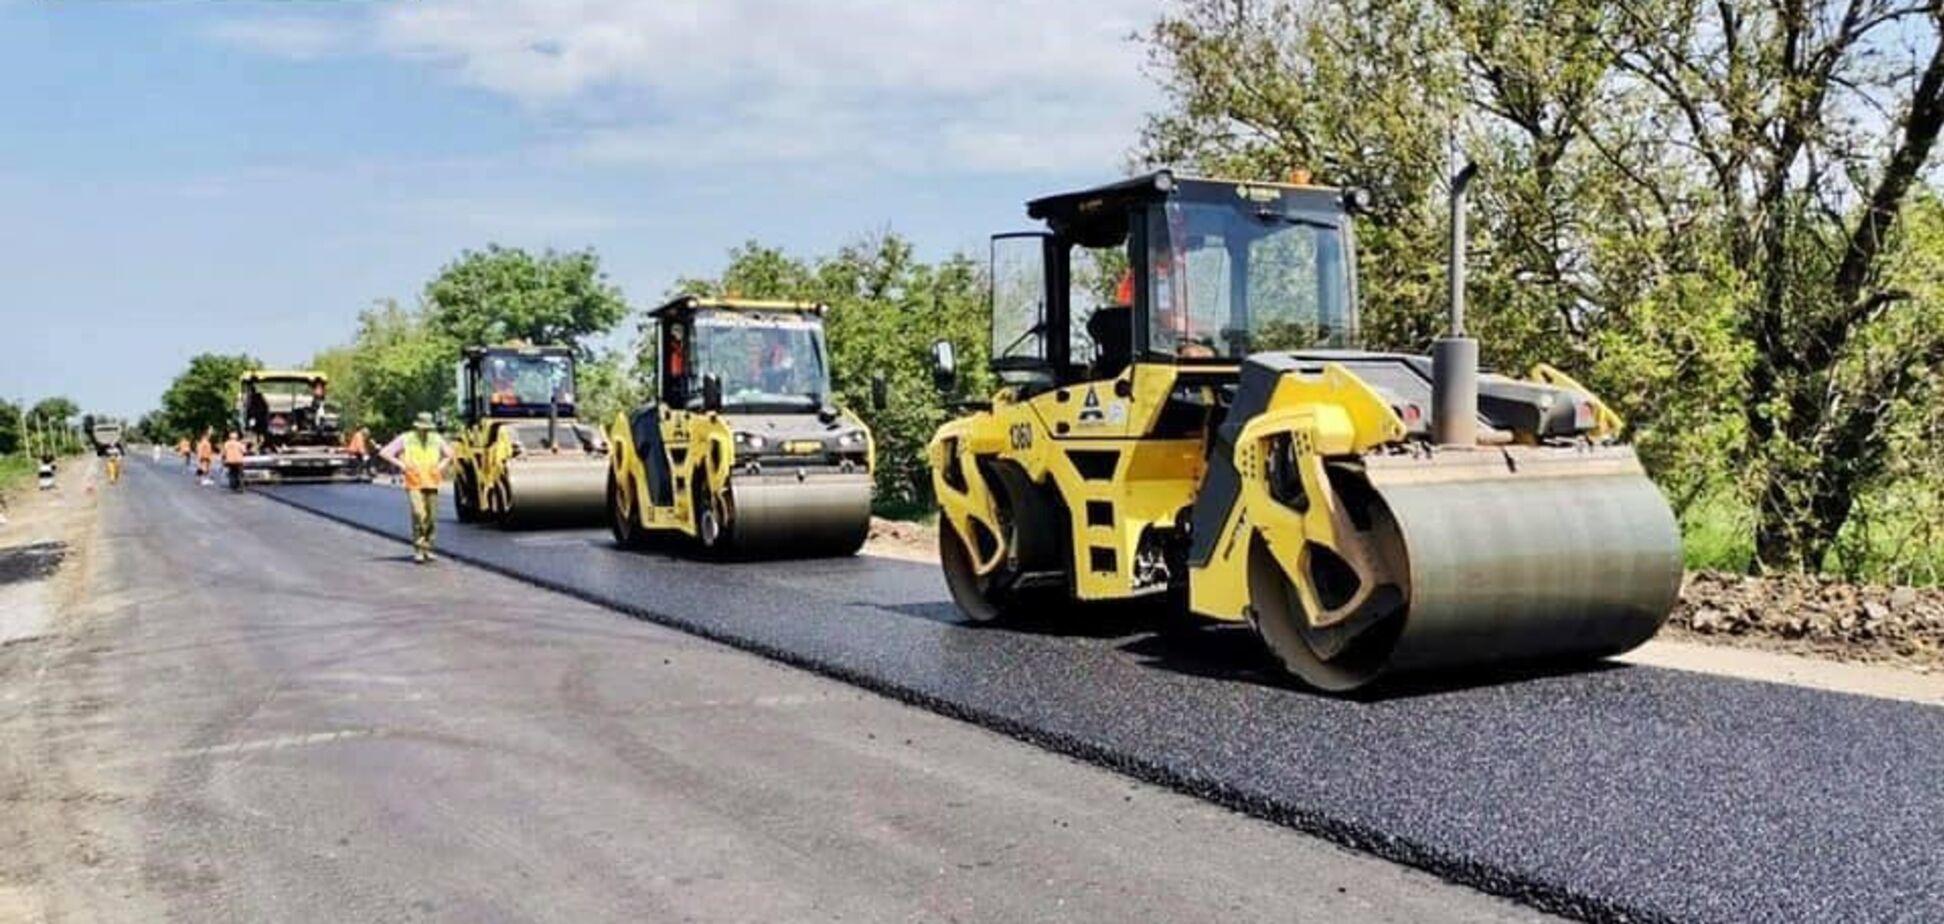 Компания 'Автомагистраль-Юг' начала устройство верхнего слоя на участке дороги Р-33